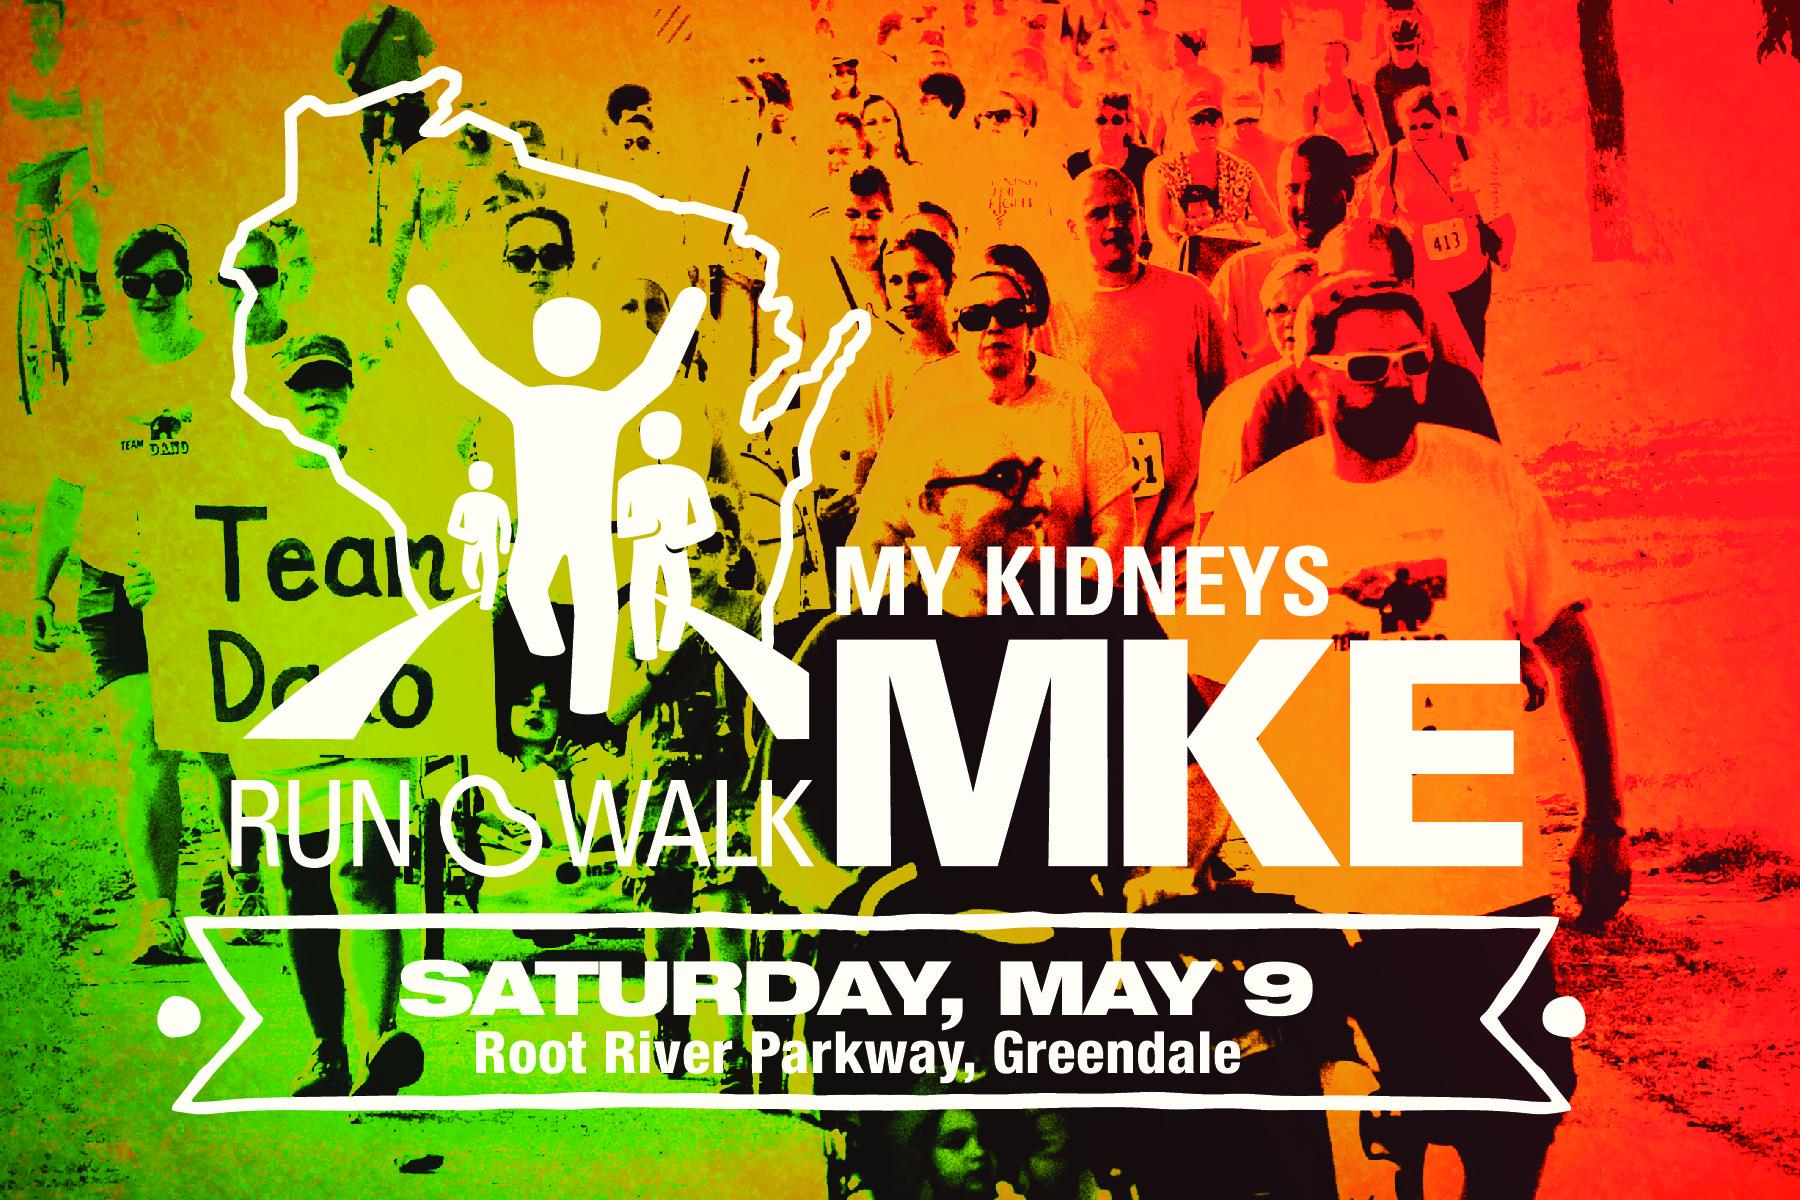 images.raceentry.com/infopages/my-kidneys-runwalk-infopages-805.jpg